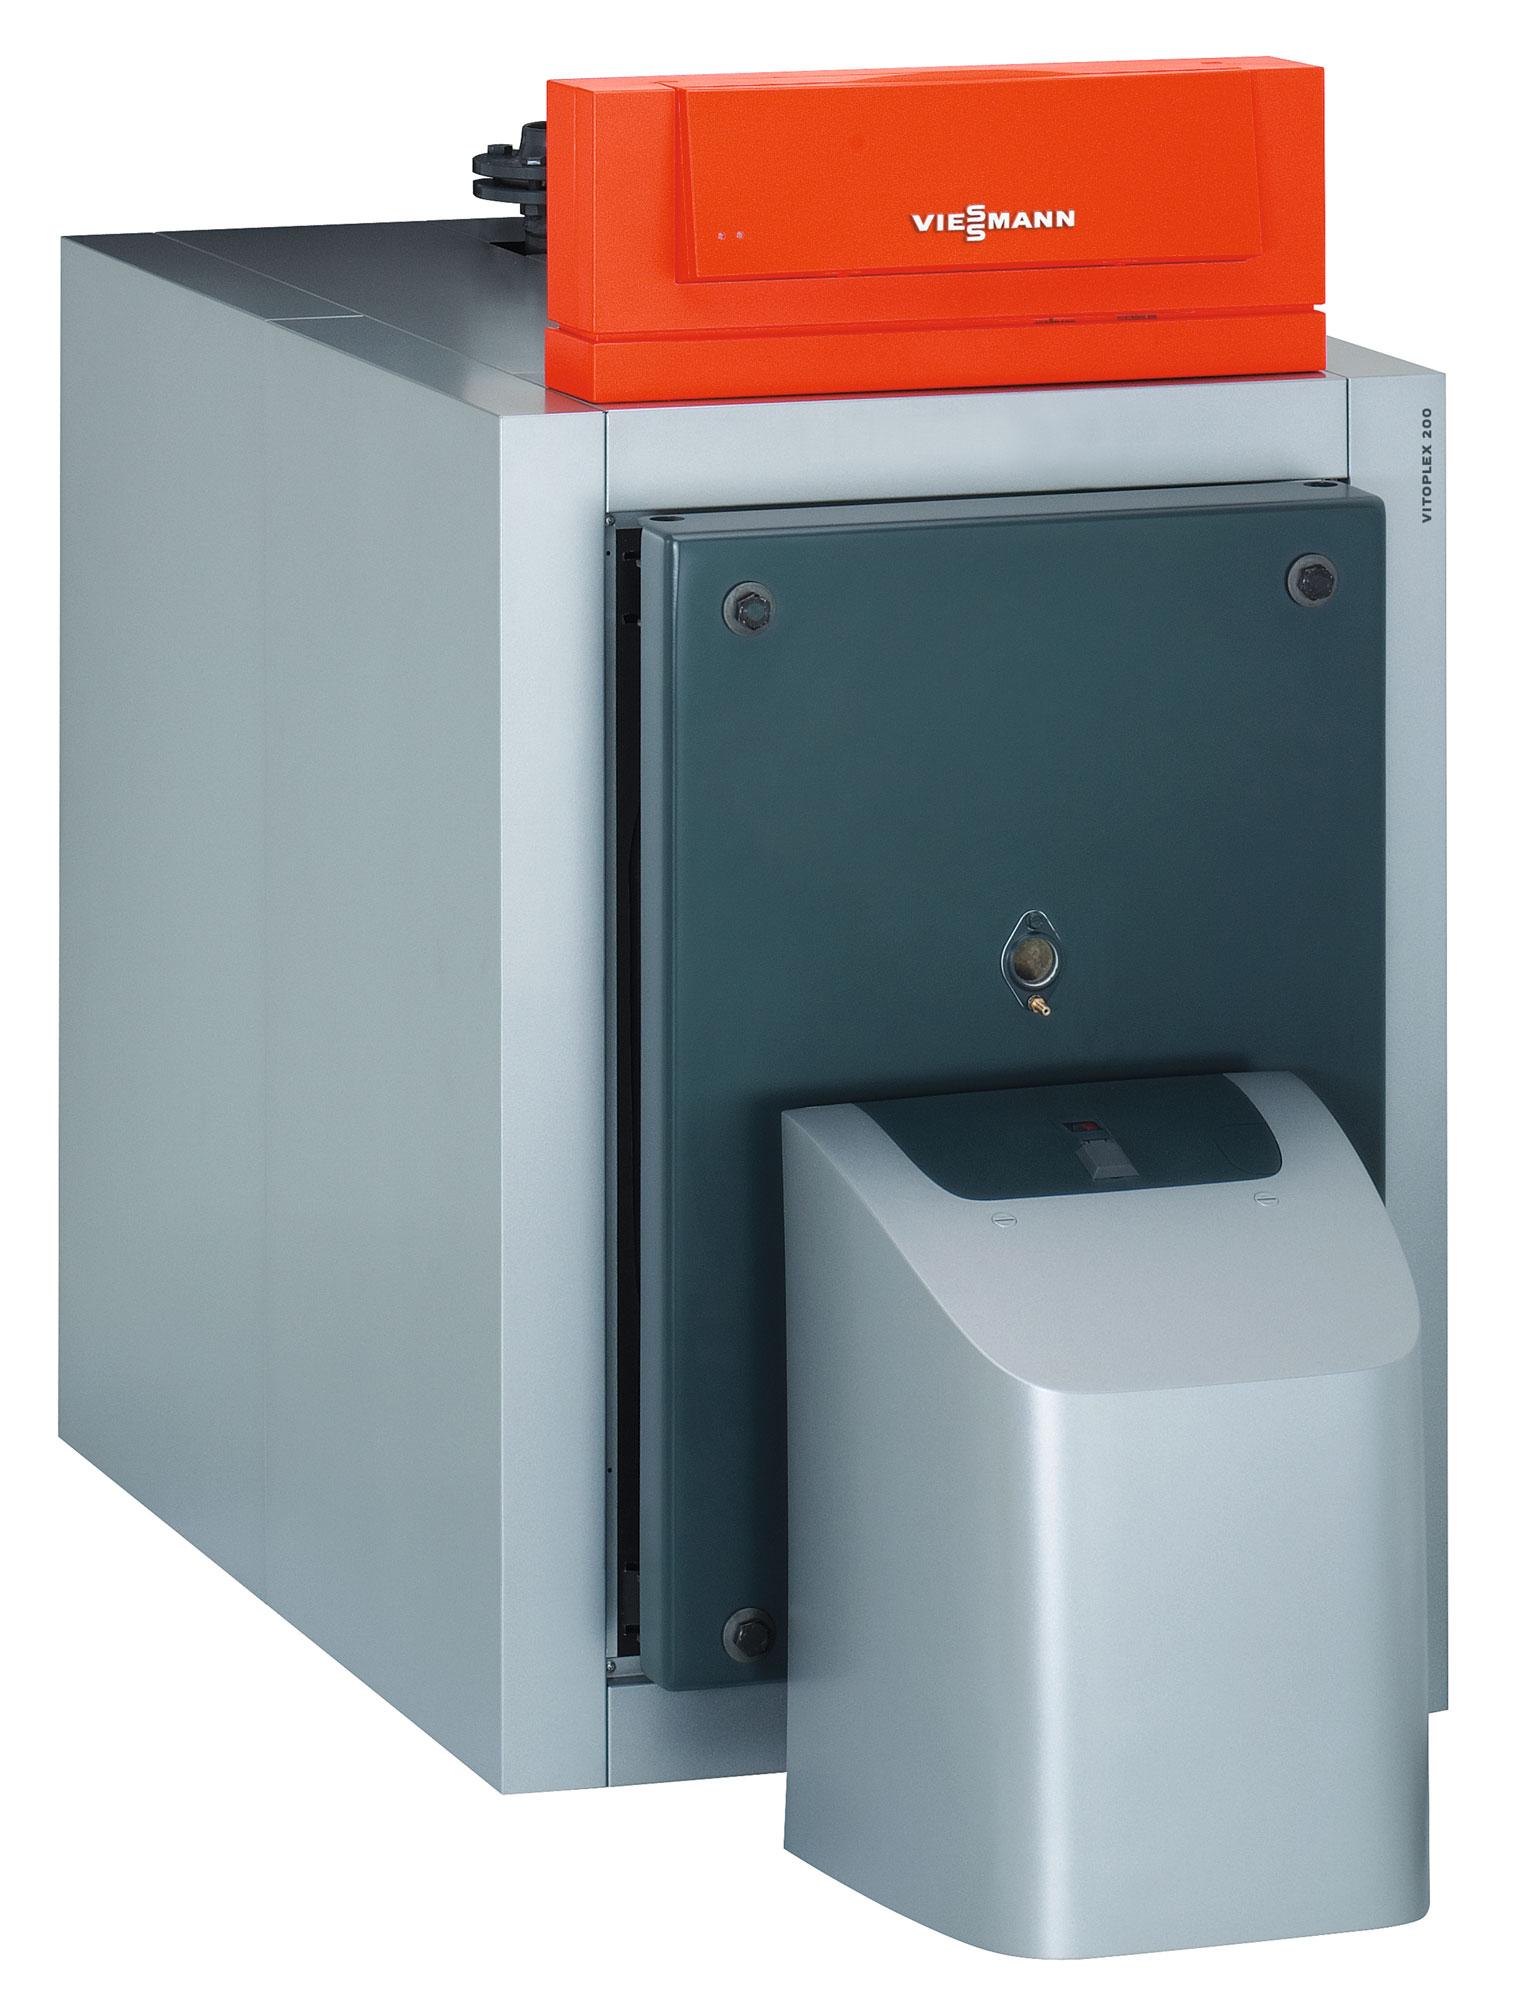 Газовый котел viessmann для отопления частного дома: обзор моделей, технические характеристики и отзывы владельцев